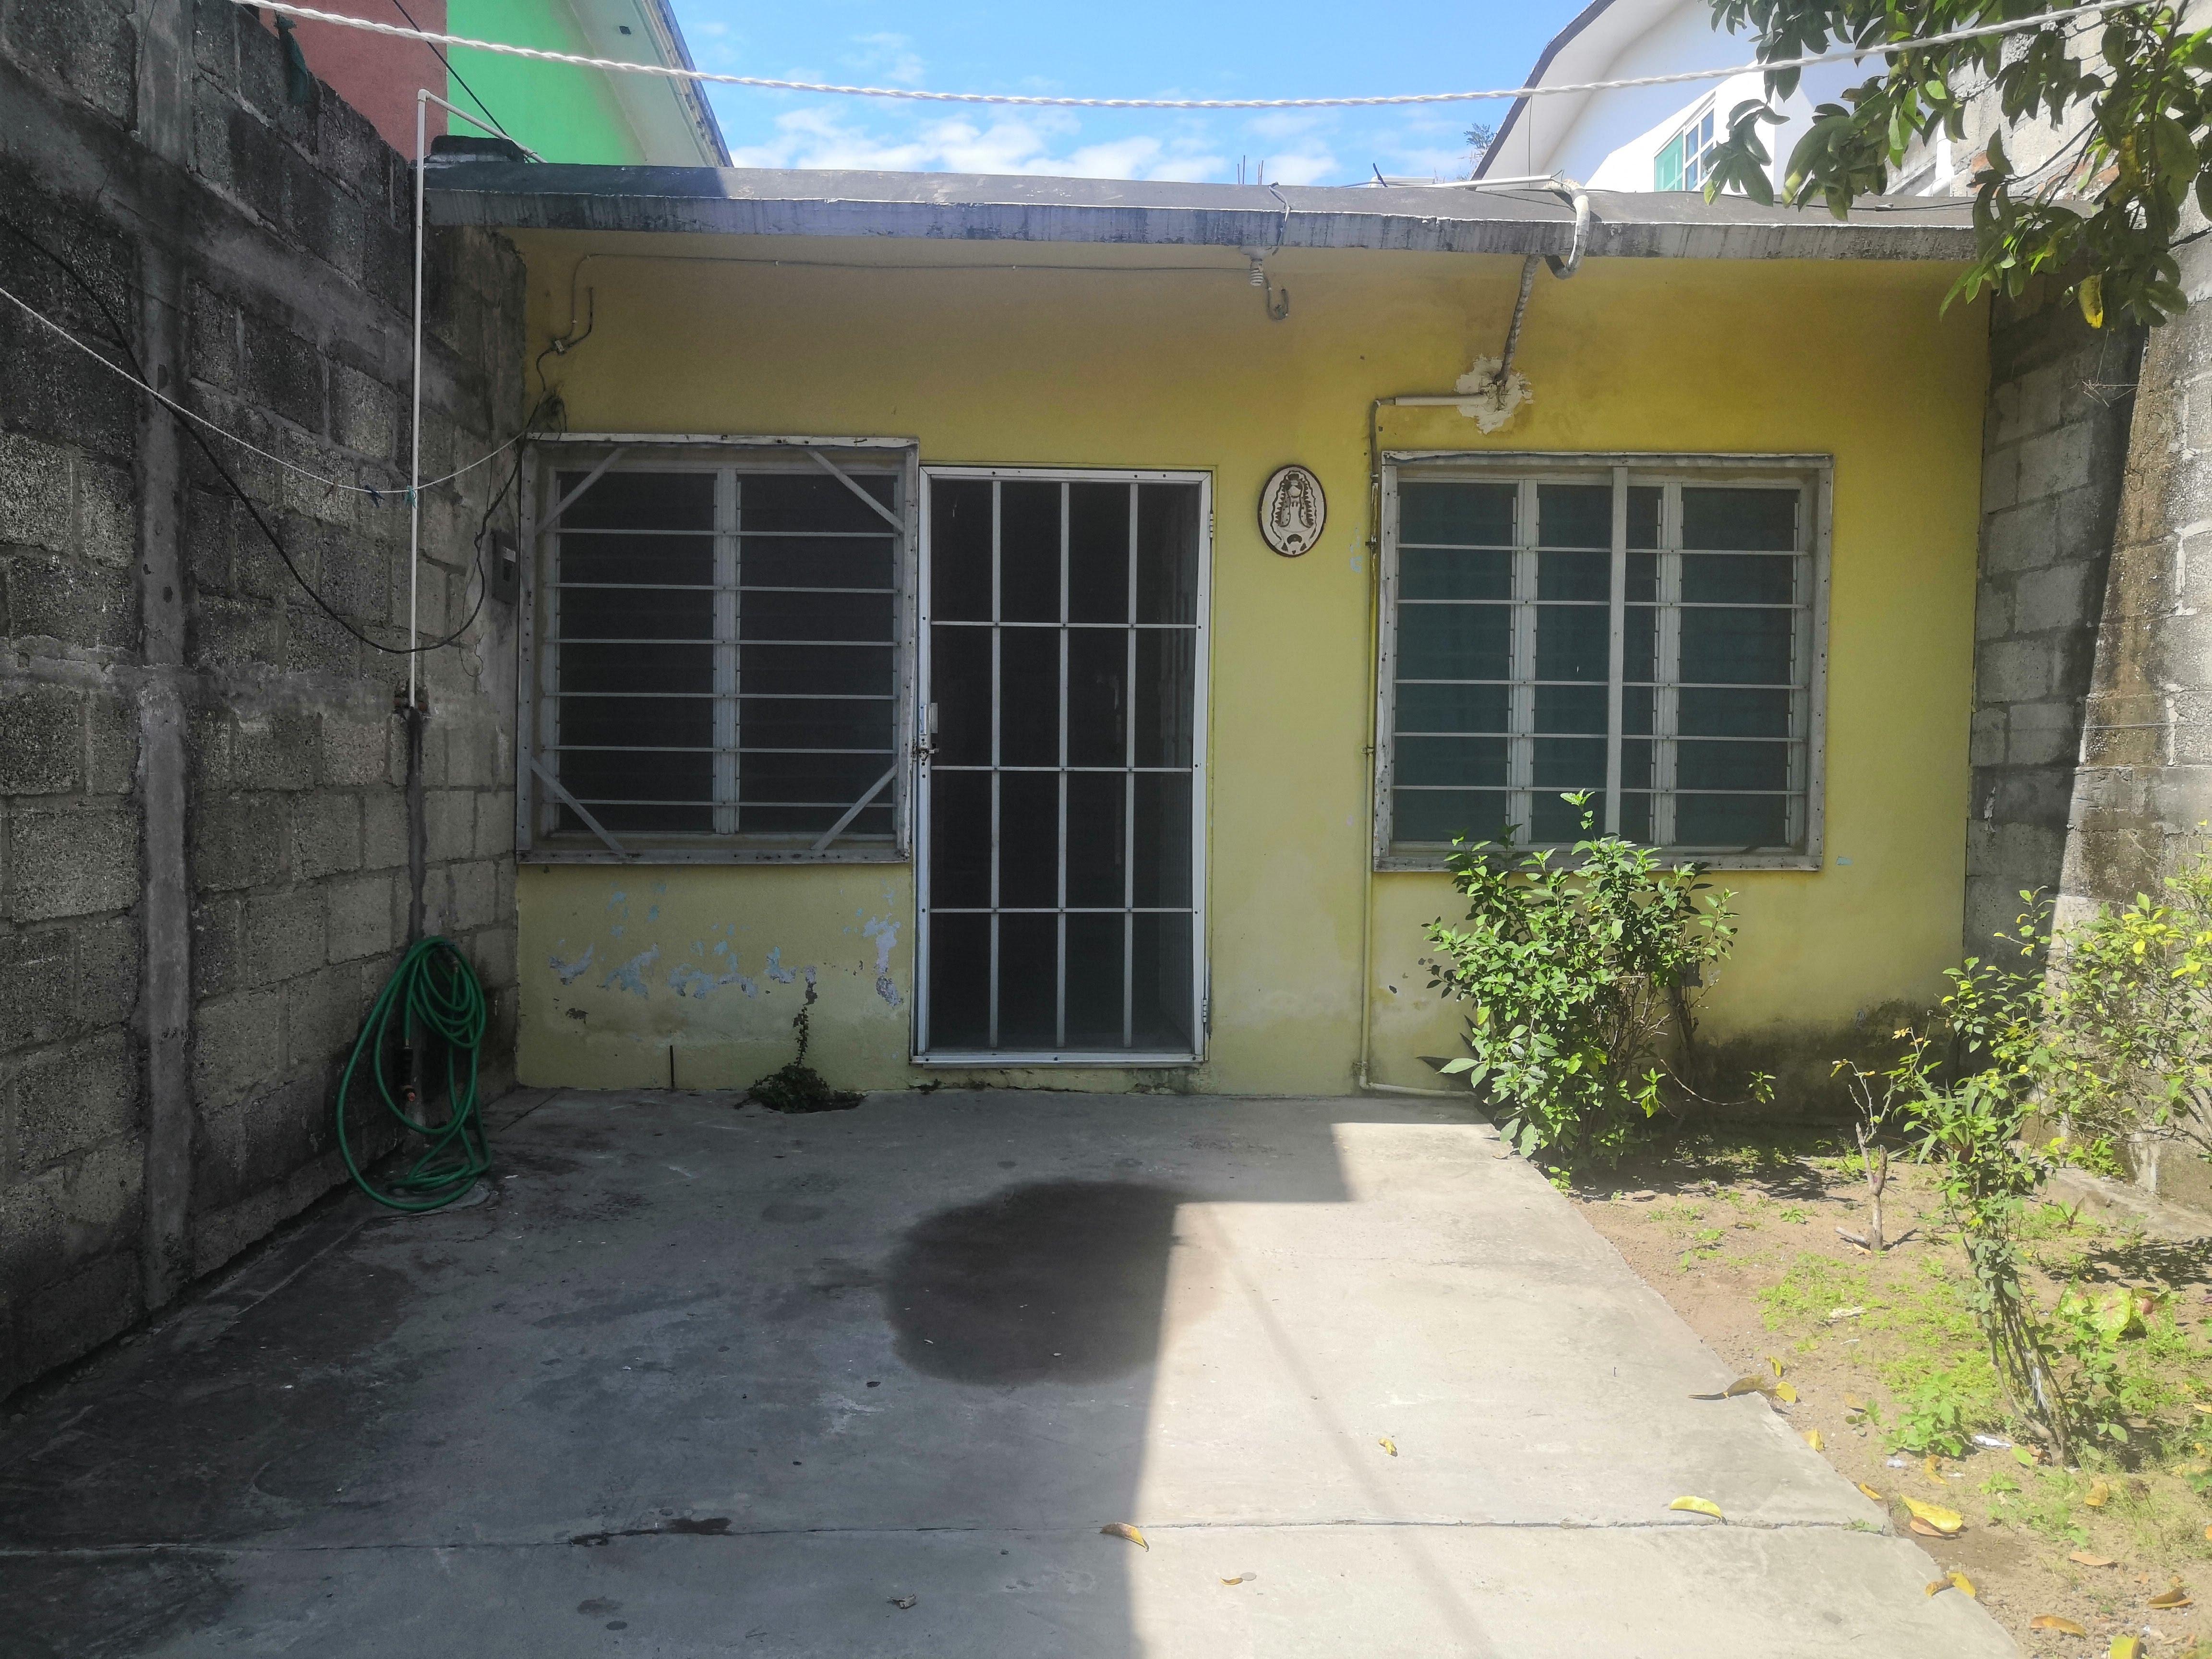 Casa en venta de un nivel en la colonia 16 de Febrero en veracruz, Veracruz